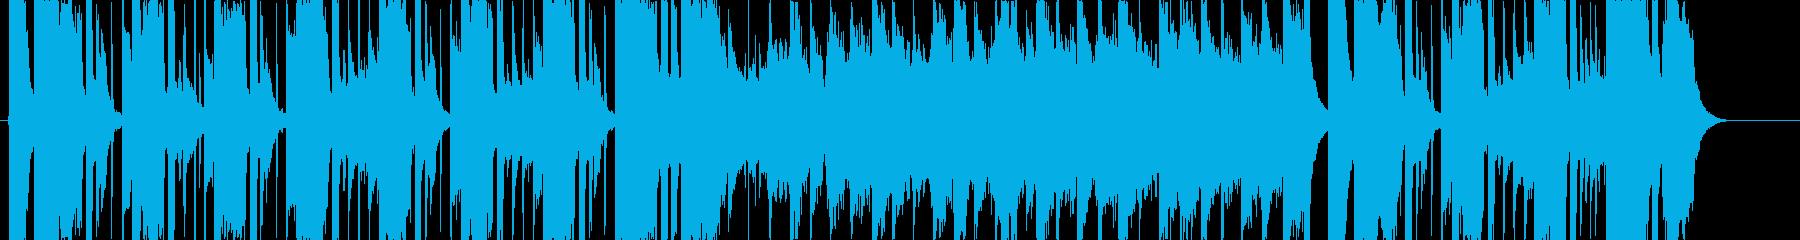 街を闊歩するイメージのBGMの再生済みの波形